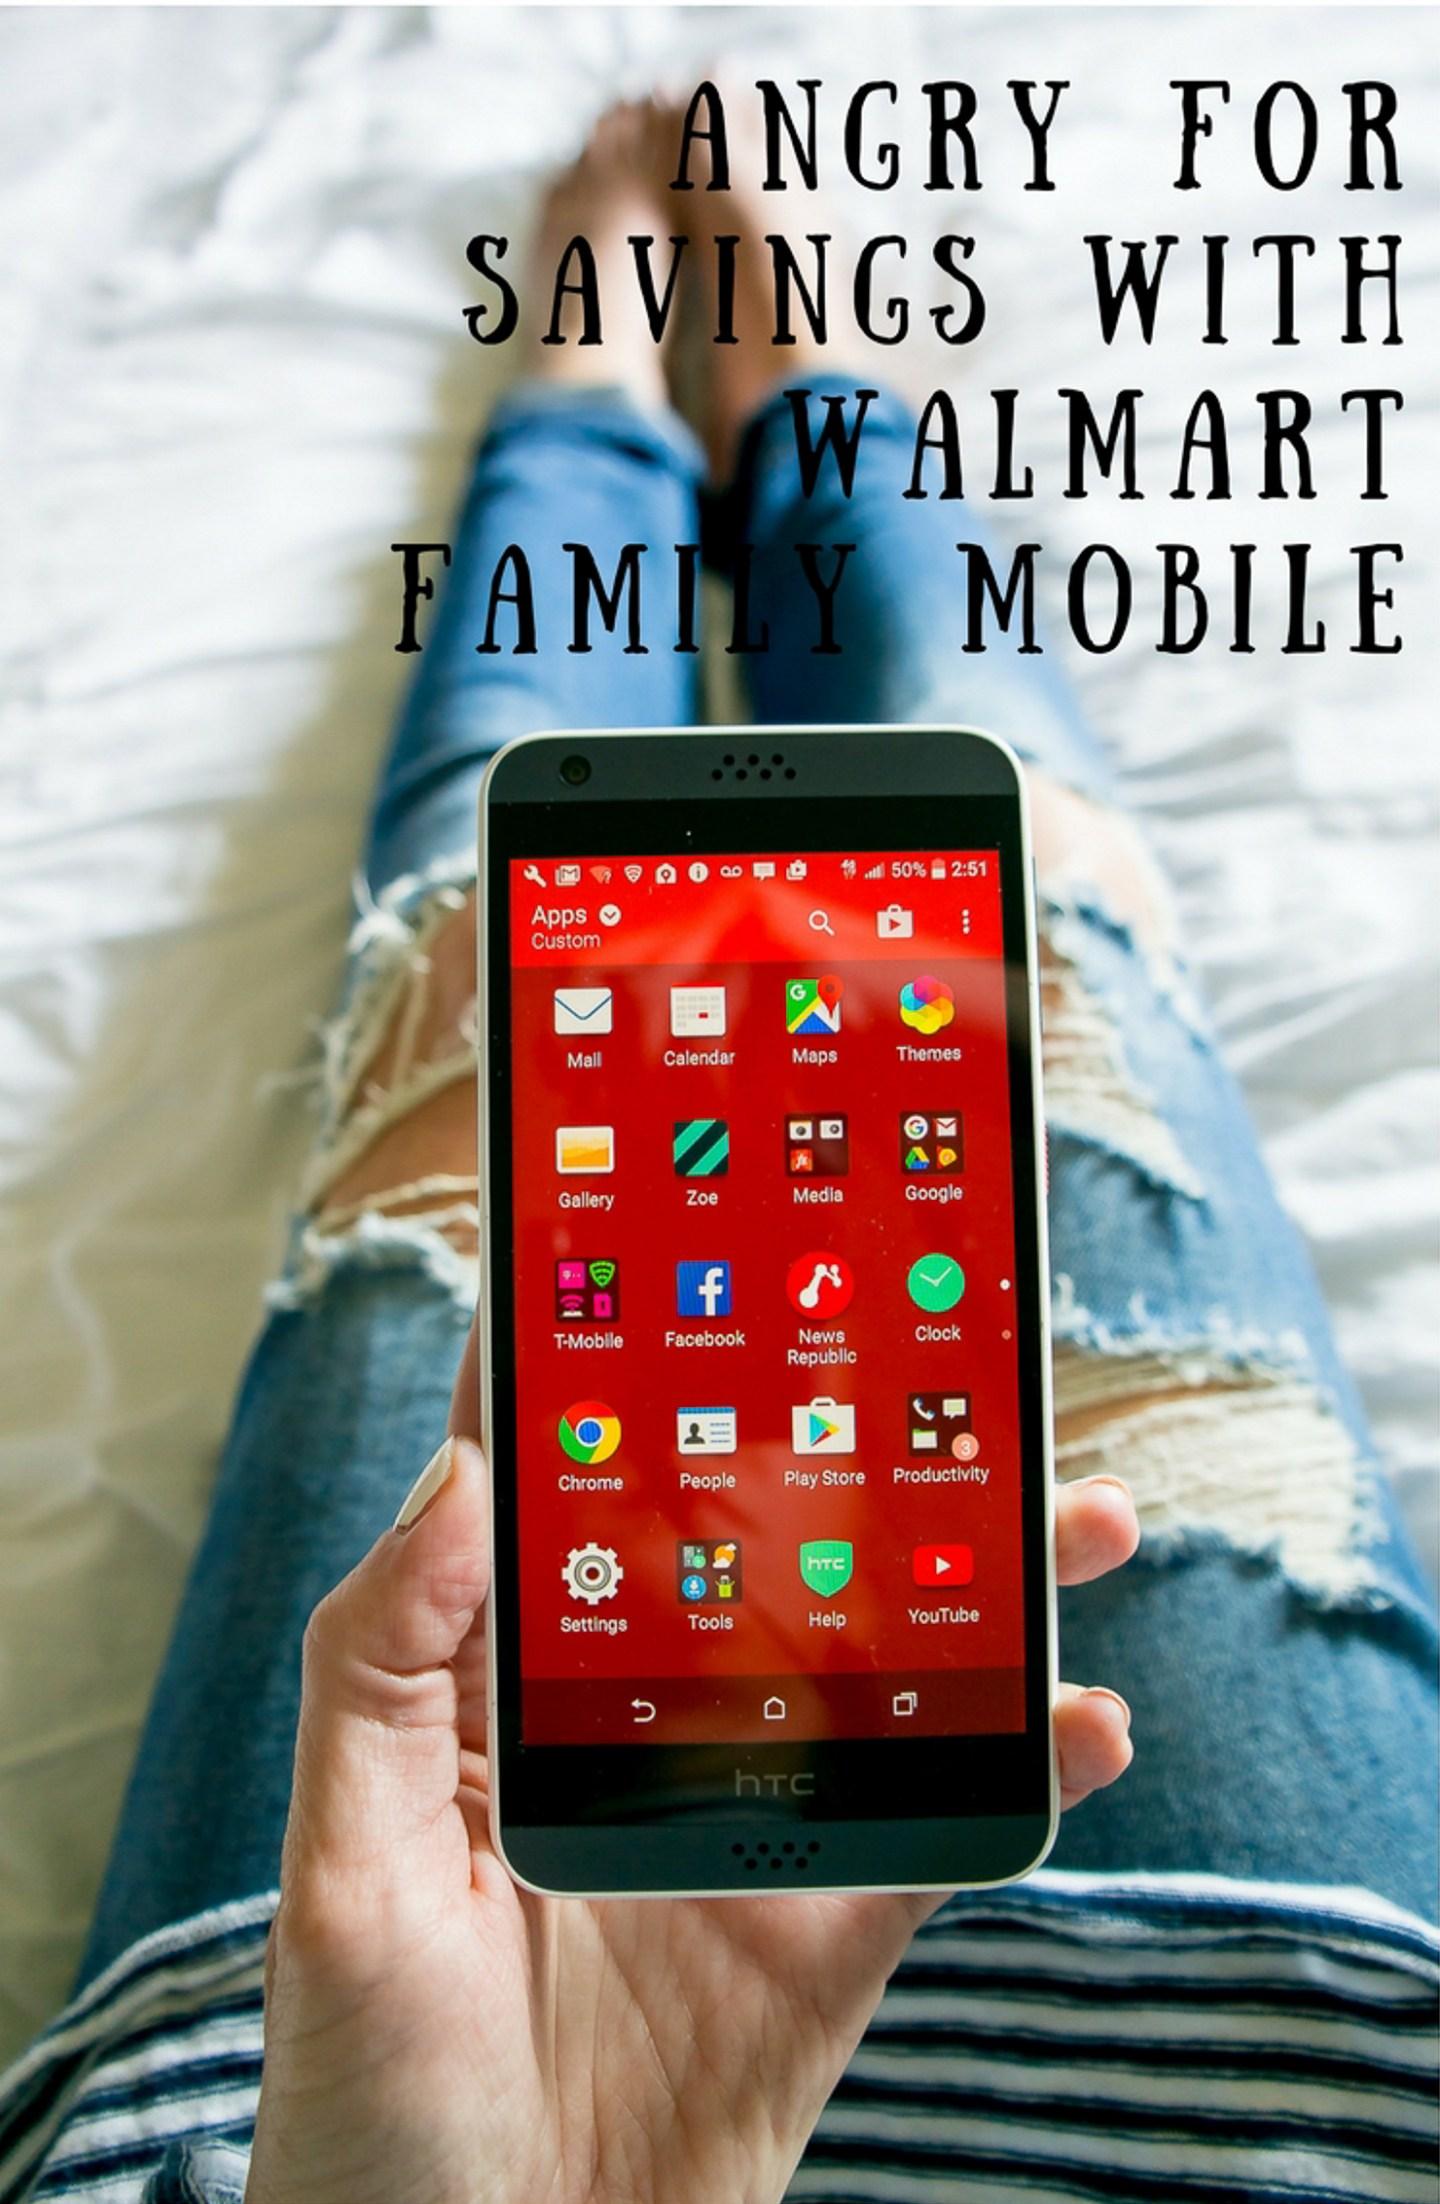 Angry-for-savings-with-walmart-family-mobile-18-2